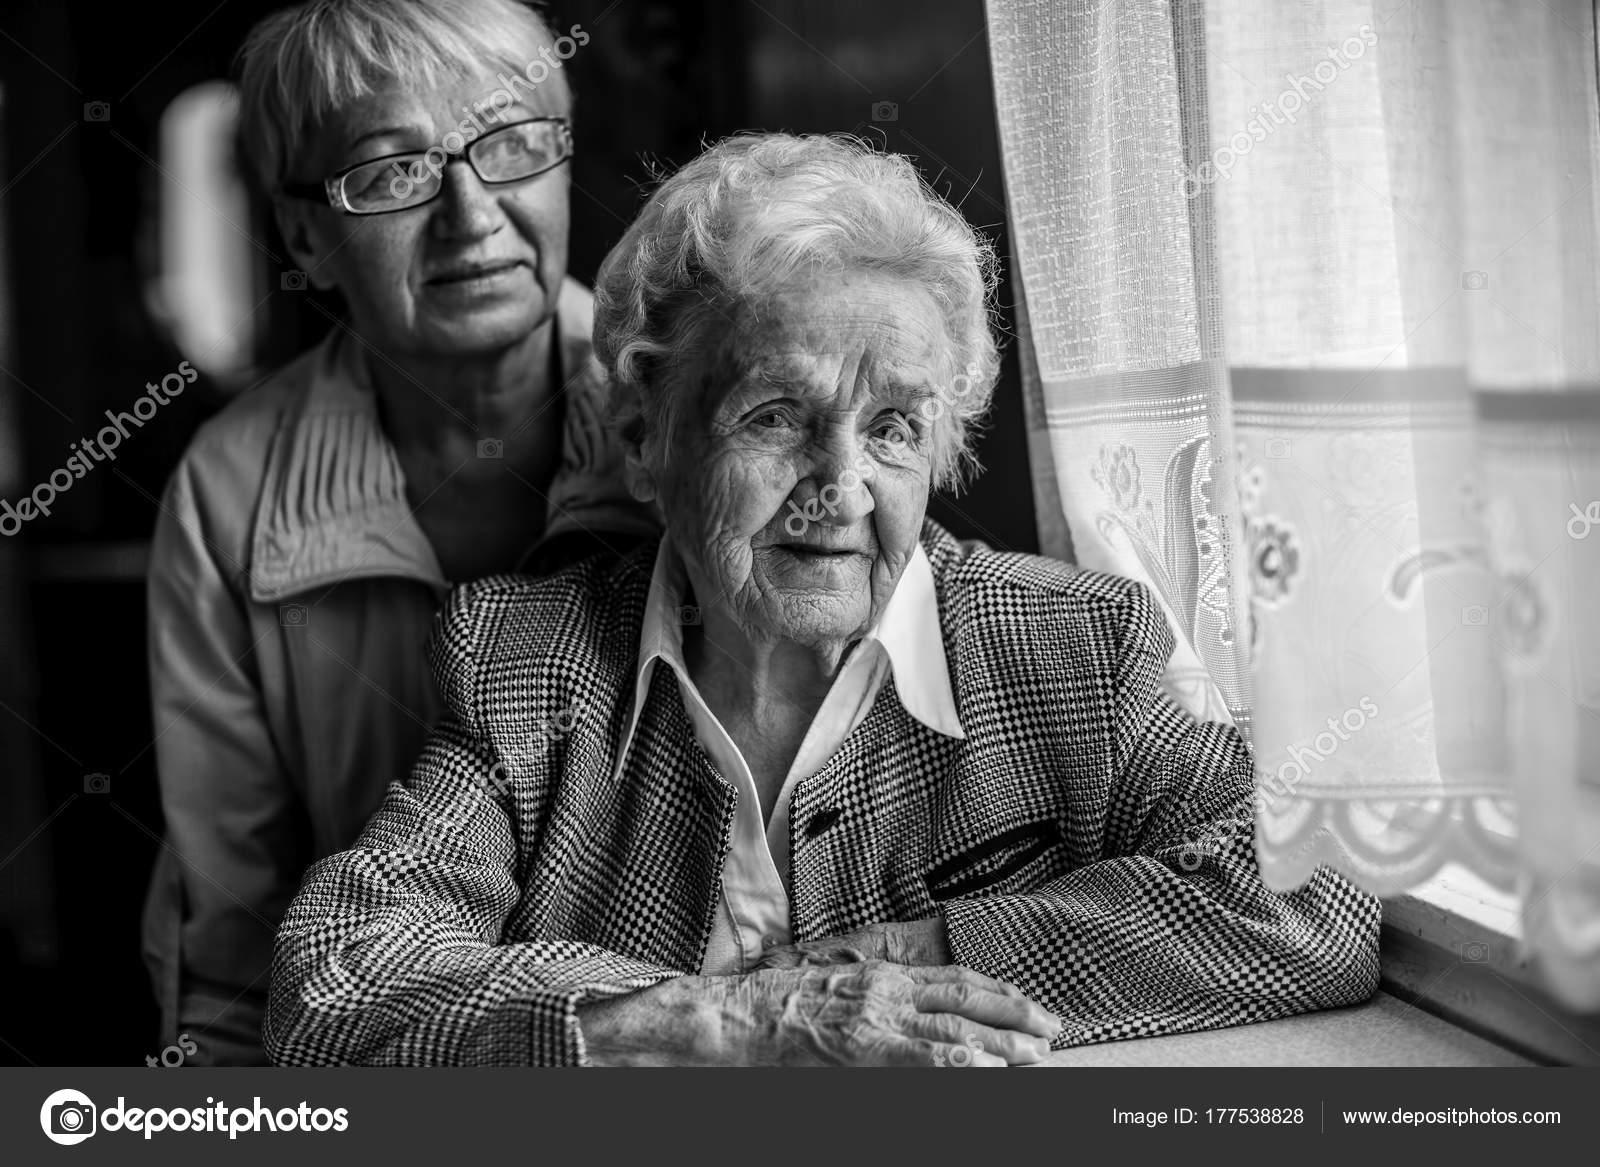 4b52196190 Egy Idős Asszony Asztal Mellett Egy Felnőtt Lánya Fekete Fehér– stock kép